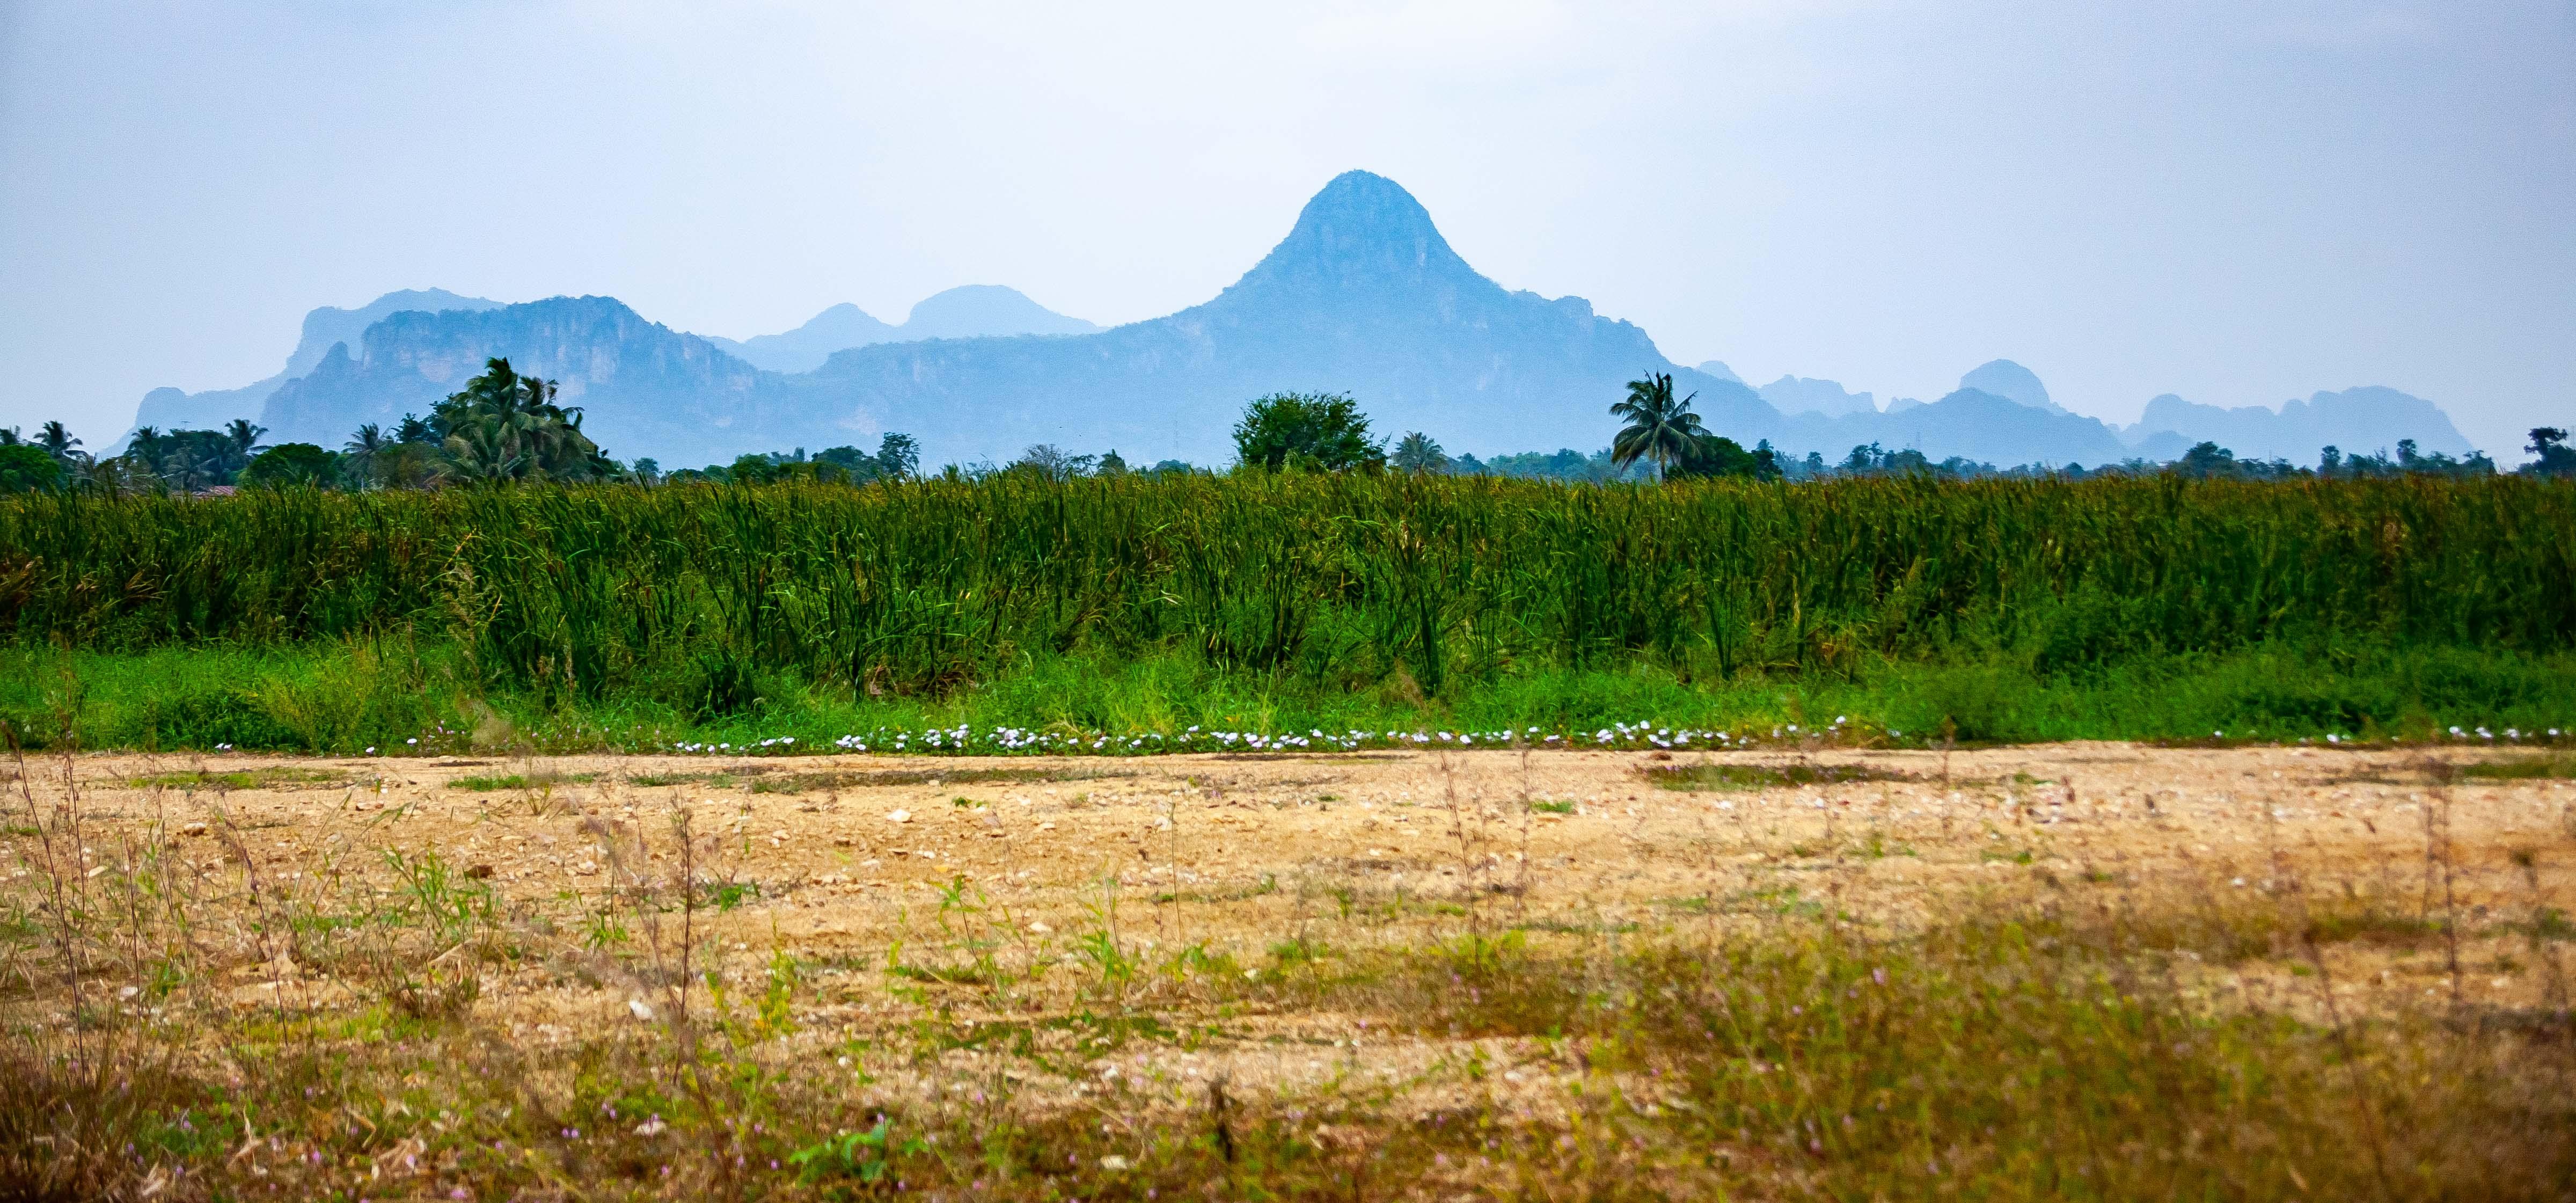 Thailand, Prachin Buri Prov, Hillscape, 2008, IMG 2833